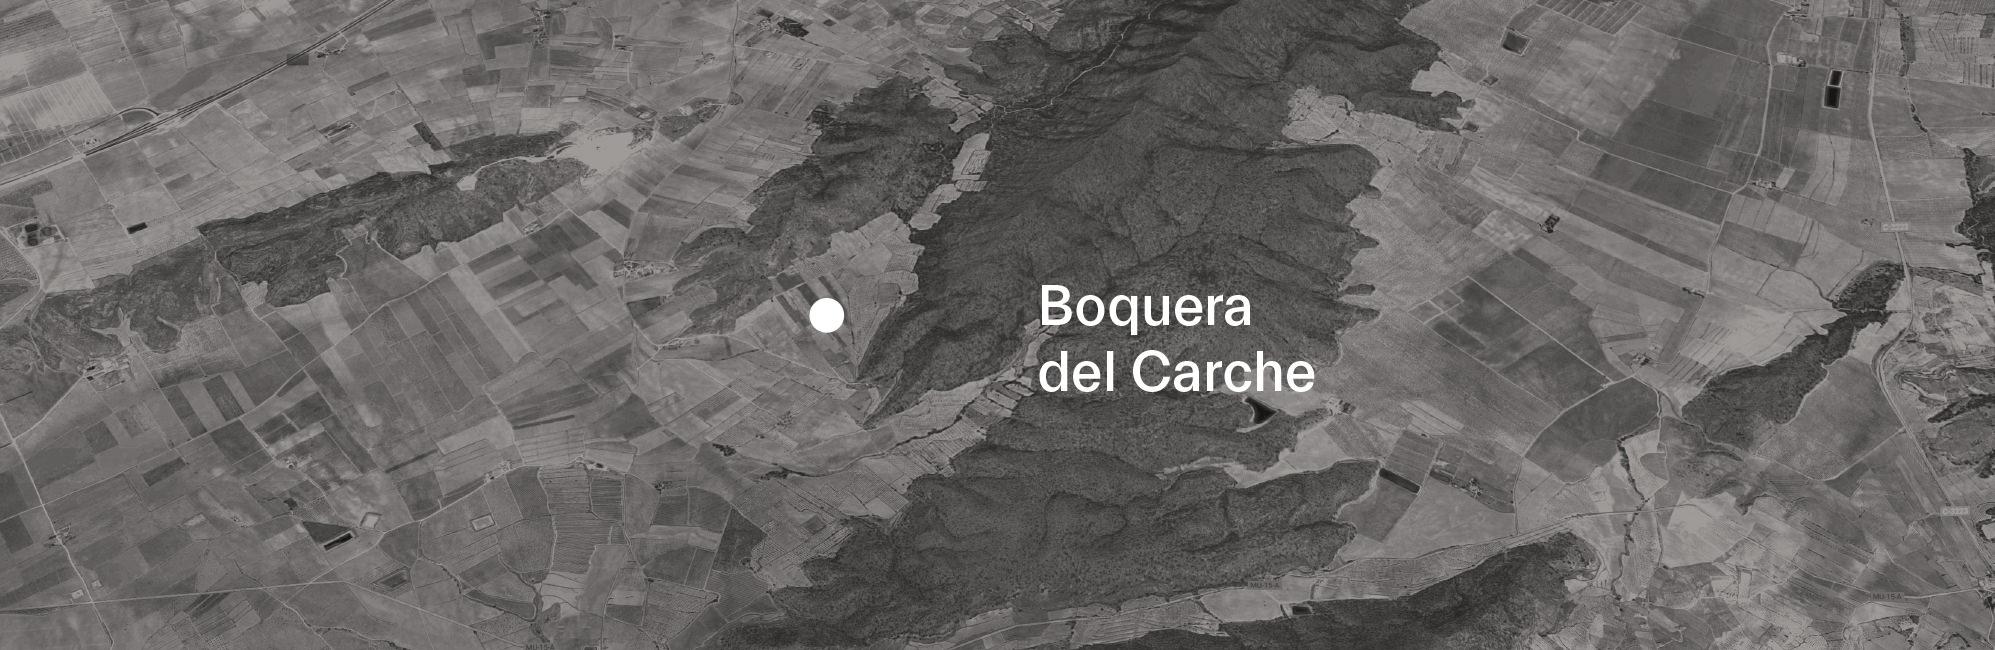 Boquera2